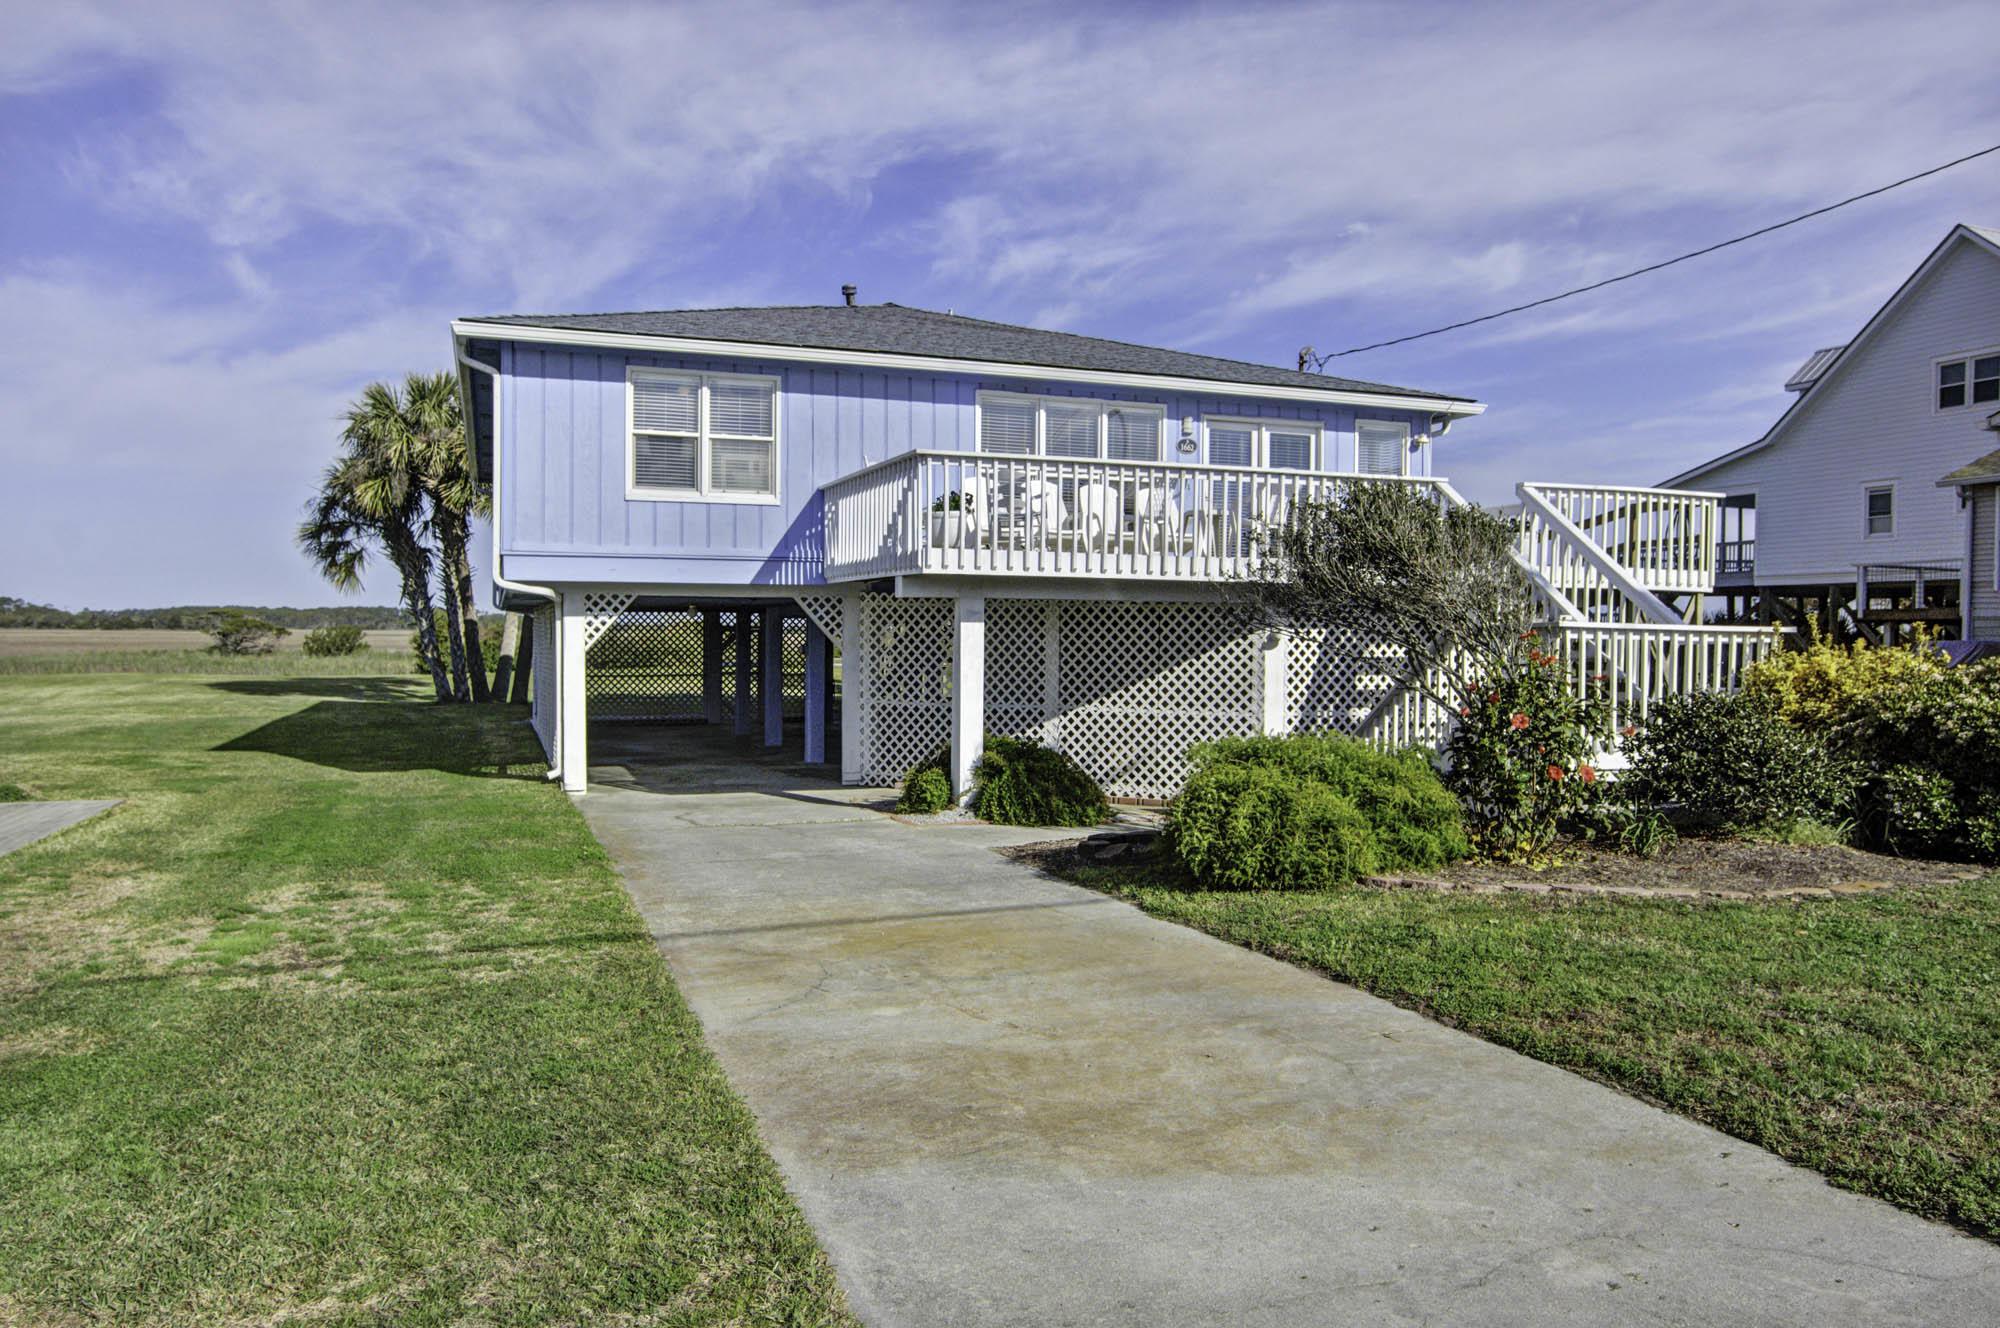 E Folly Bch Shores Homes For Sale - 1662 Ashley, Folly Beach, SC - 2